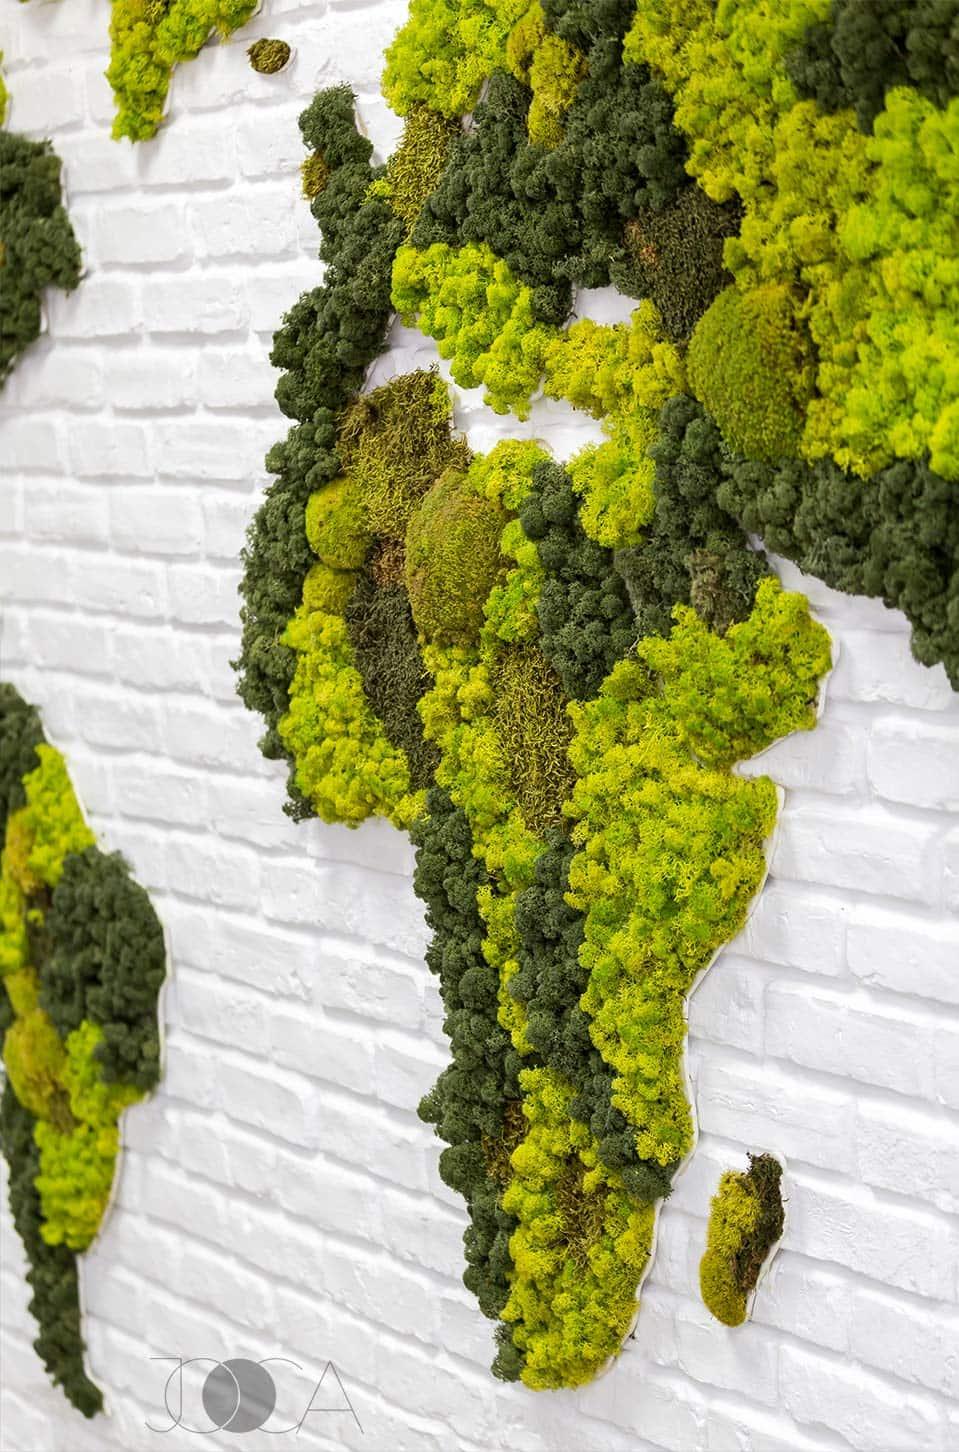 Harta lumii din licheni verzi este piesa centrala din zona birourilor open-space.